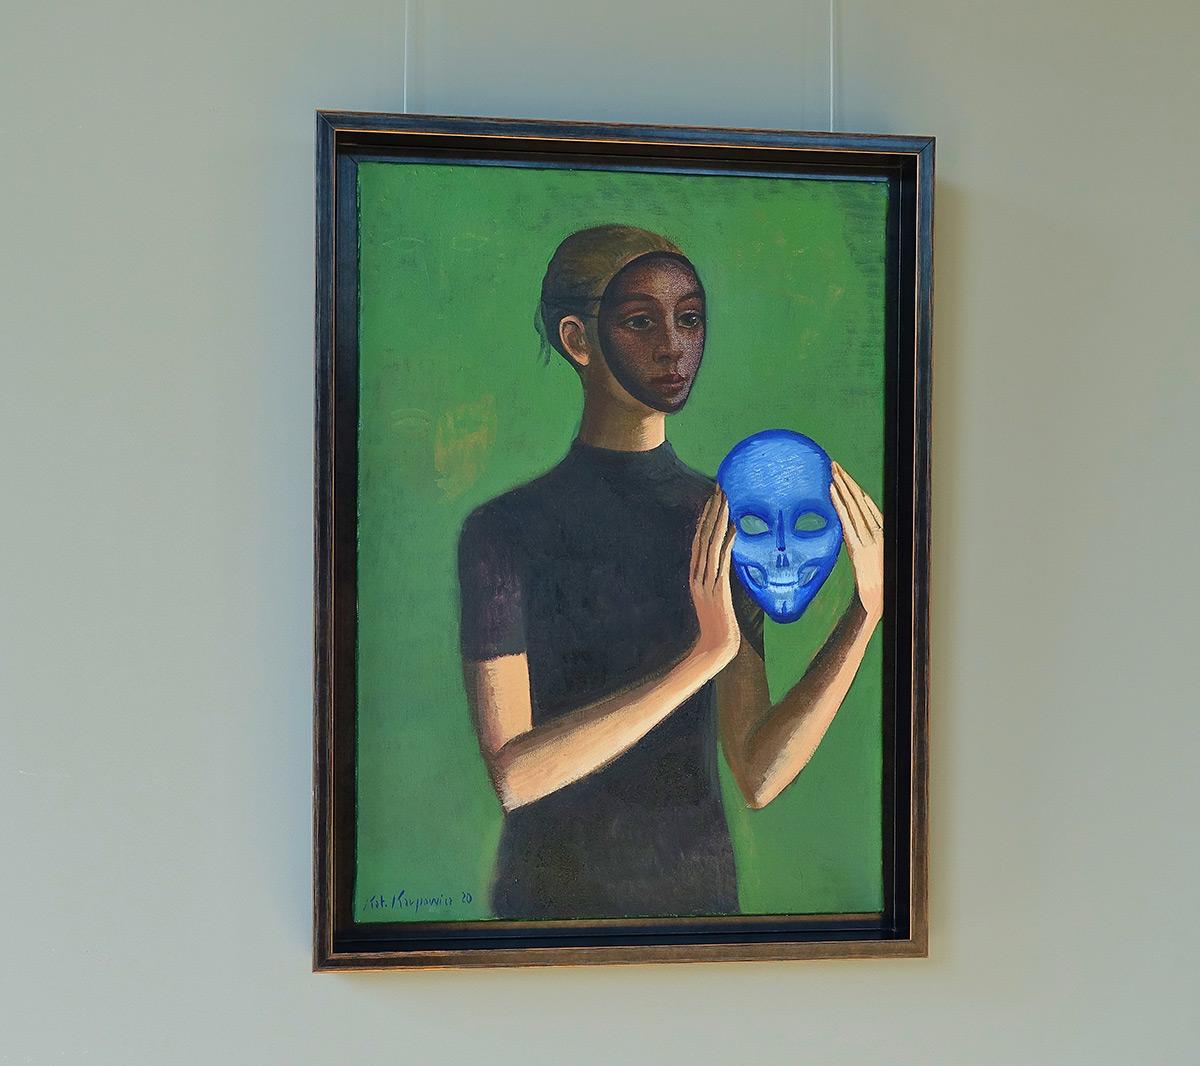 Katarzyna Karpowicz : Lady with blue mask